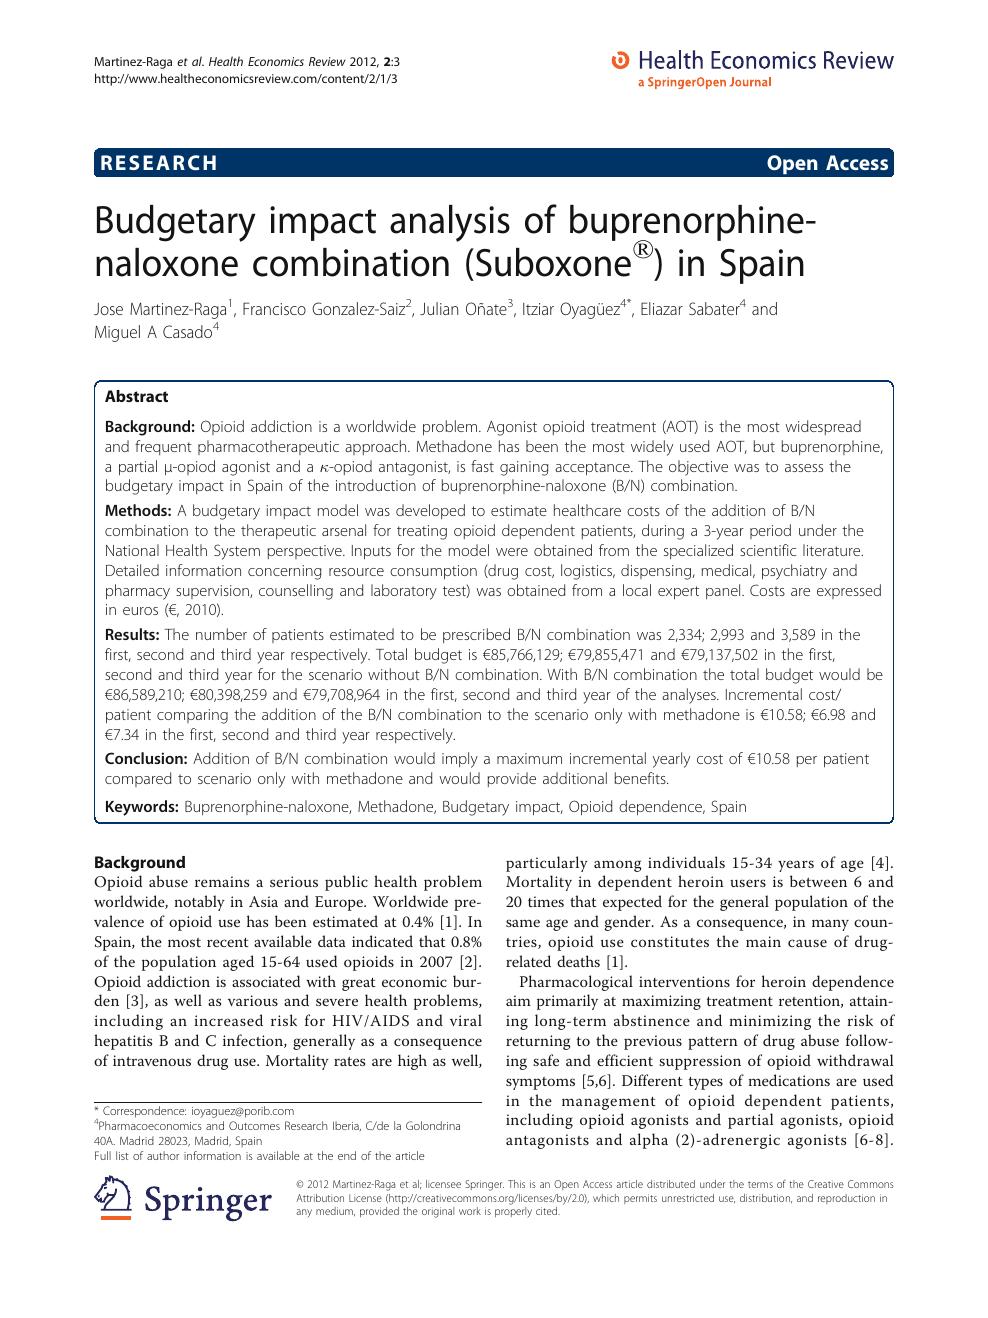 Budgetary impact analysis of buprenorphine-naloxone